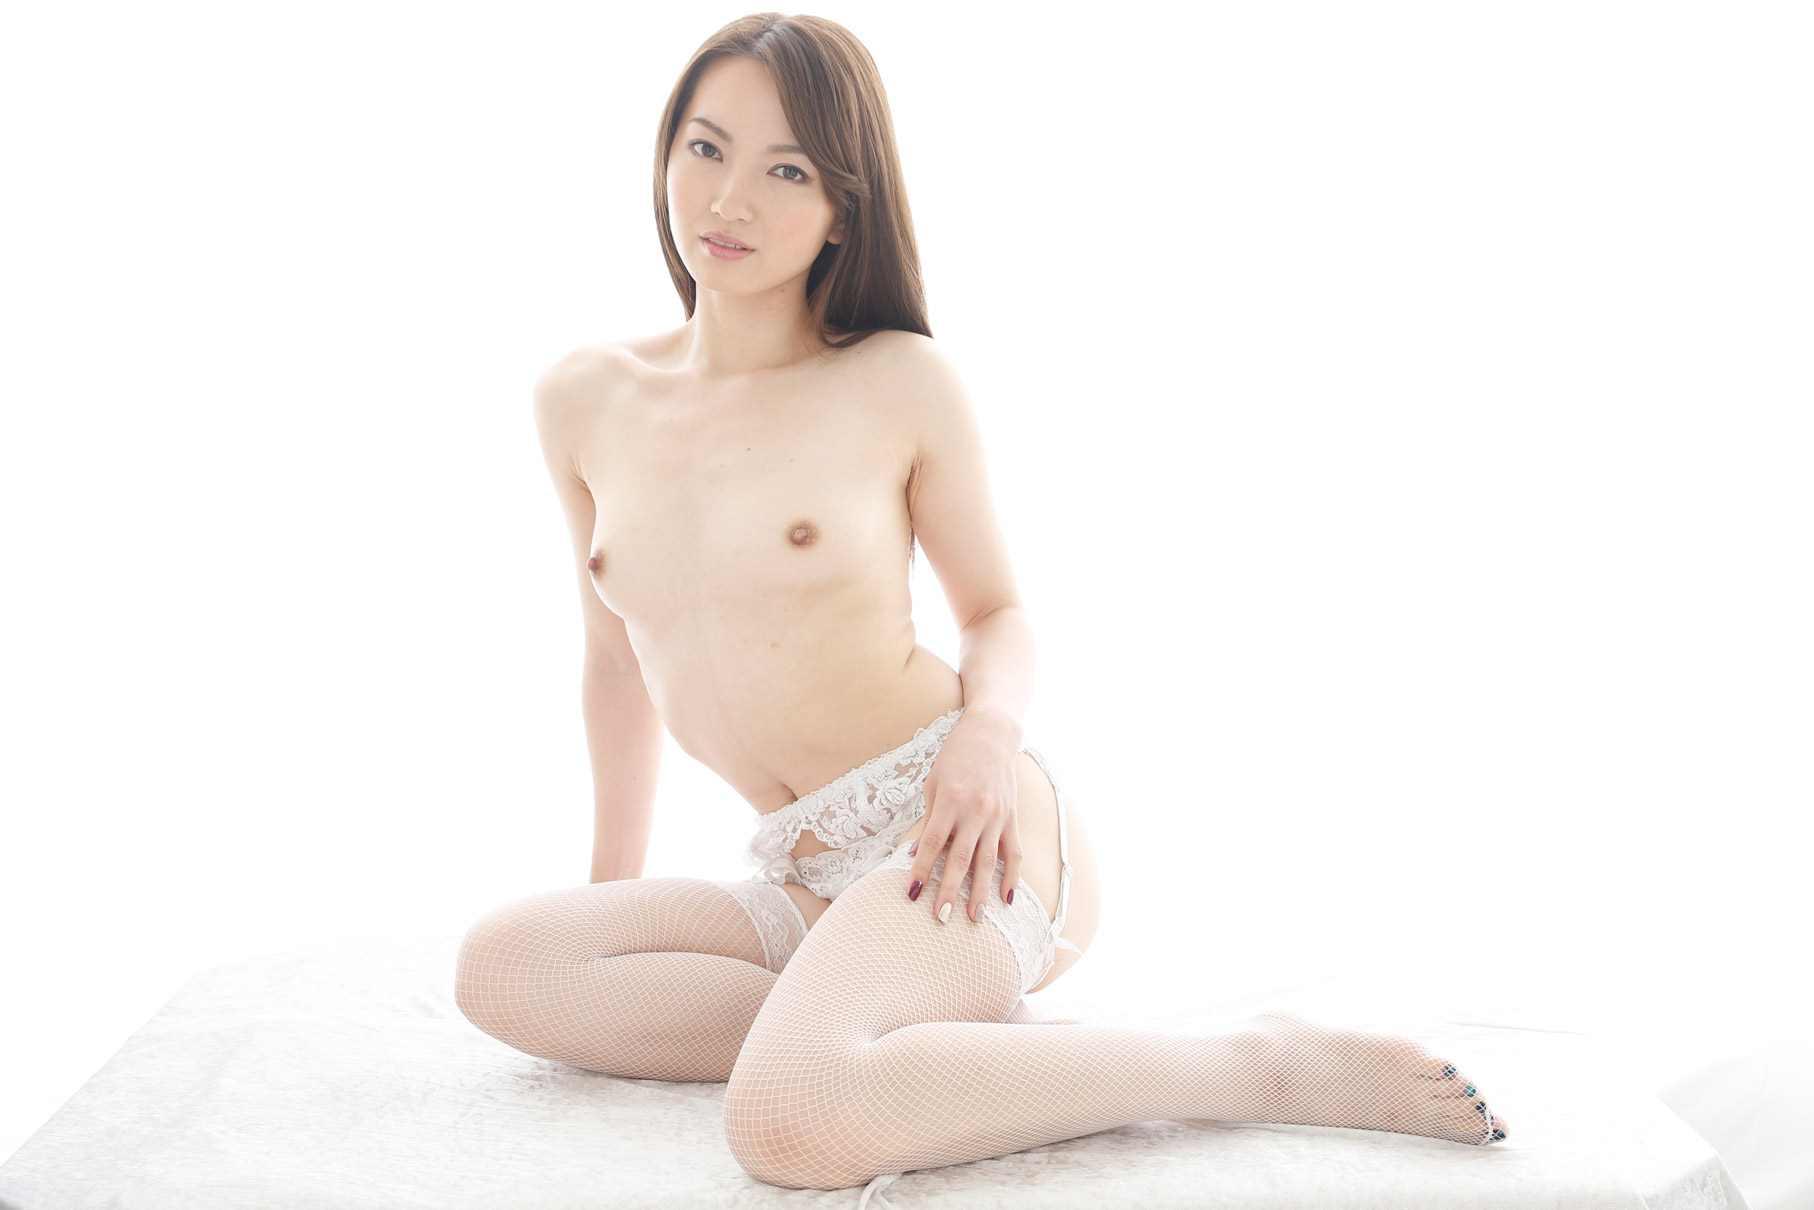 葉山瞳(中川美鈴) 初裏デビュー画像 75